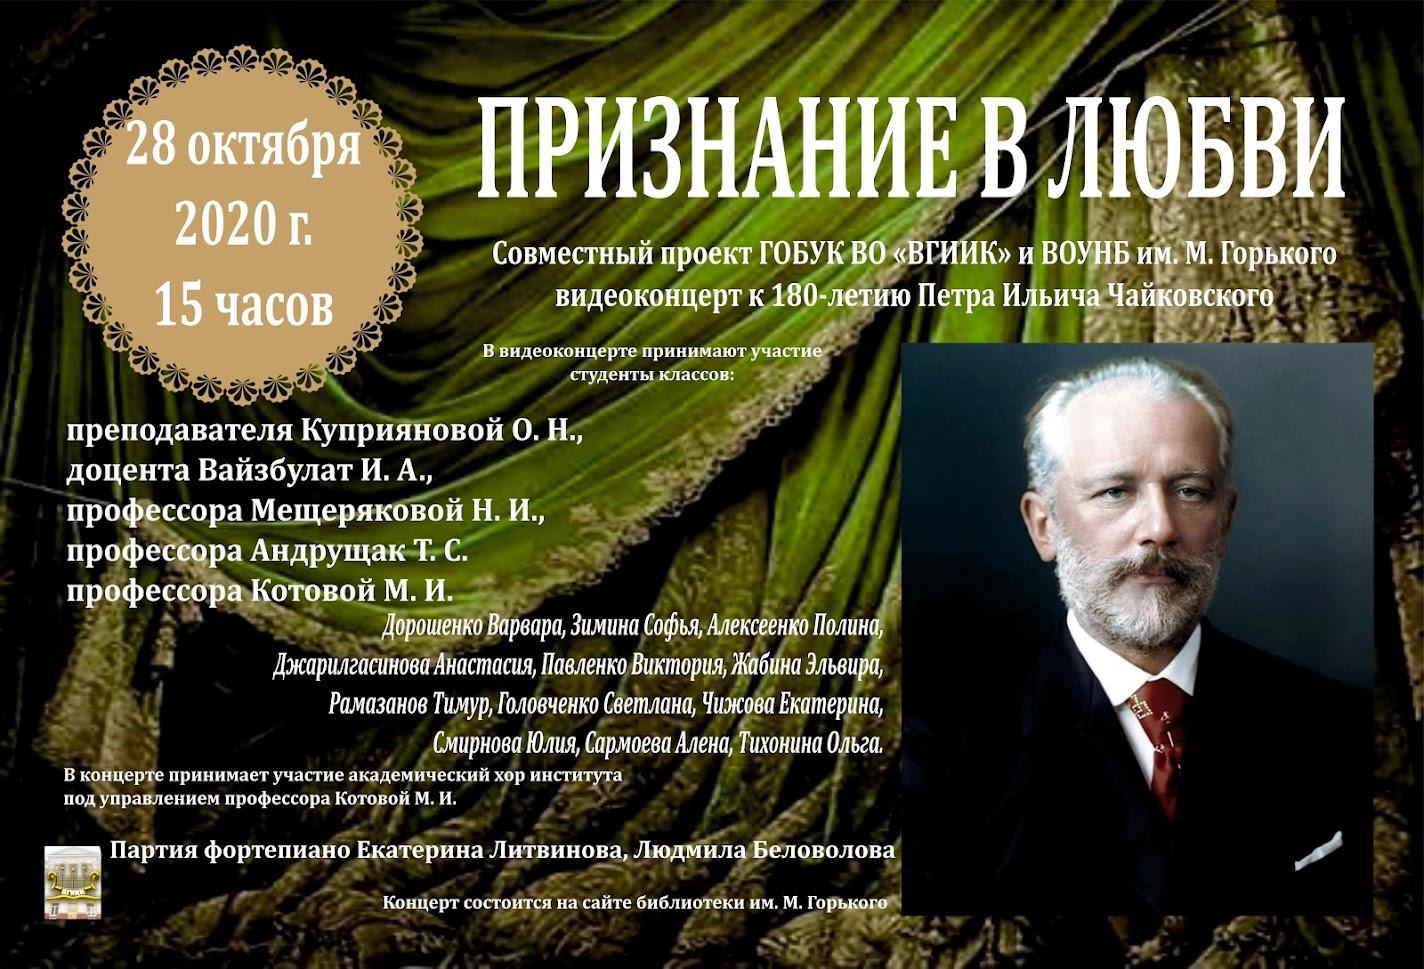 2020 - год Петра Ильича Чайковского